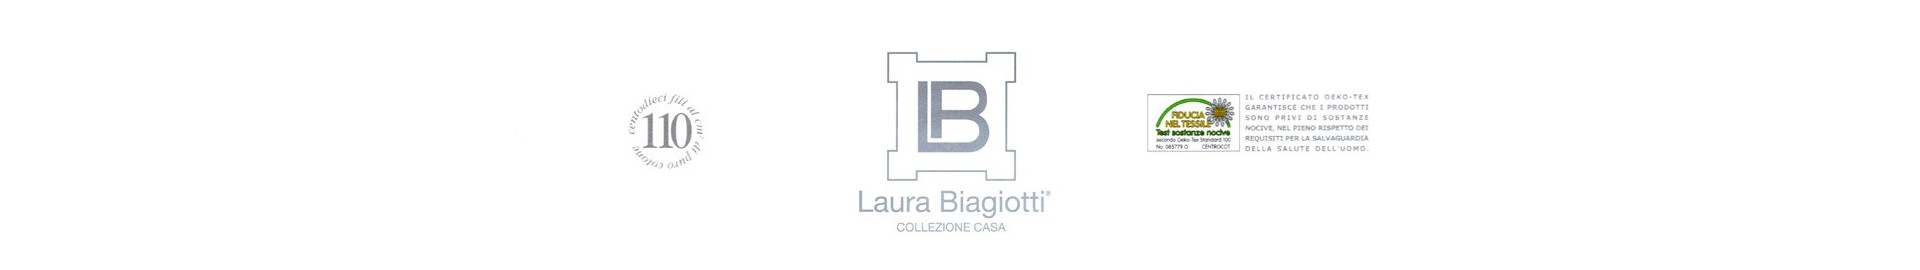 LAURA BIAGIOTTI LINEA CASA - Raso line L.F.D. Home